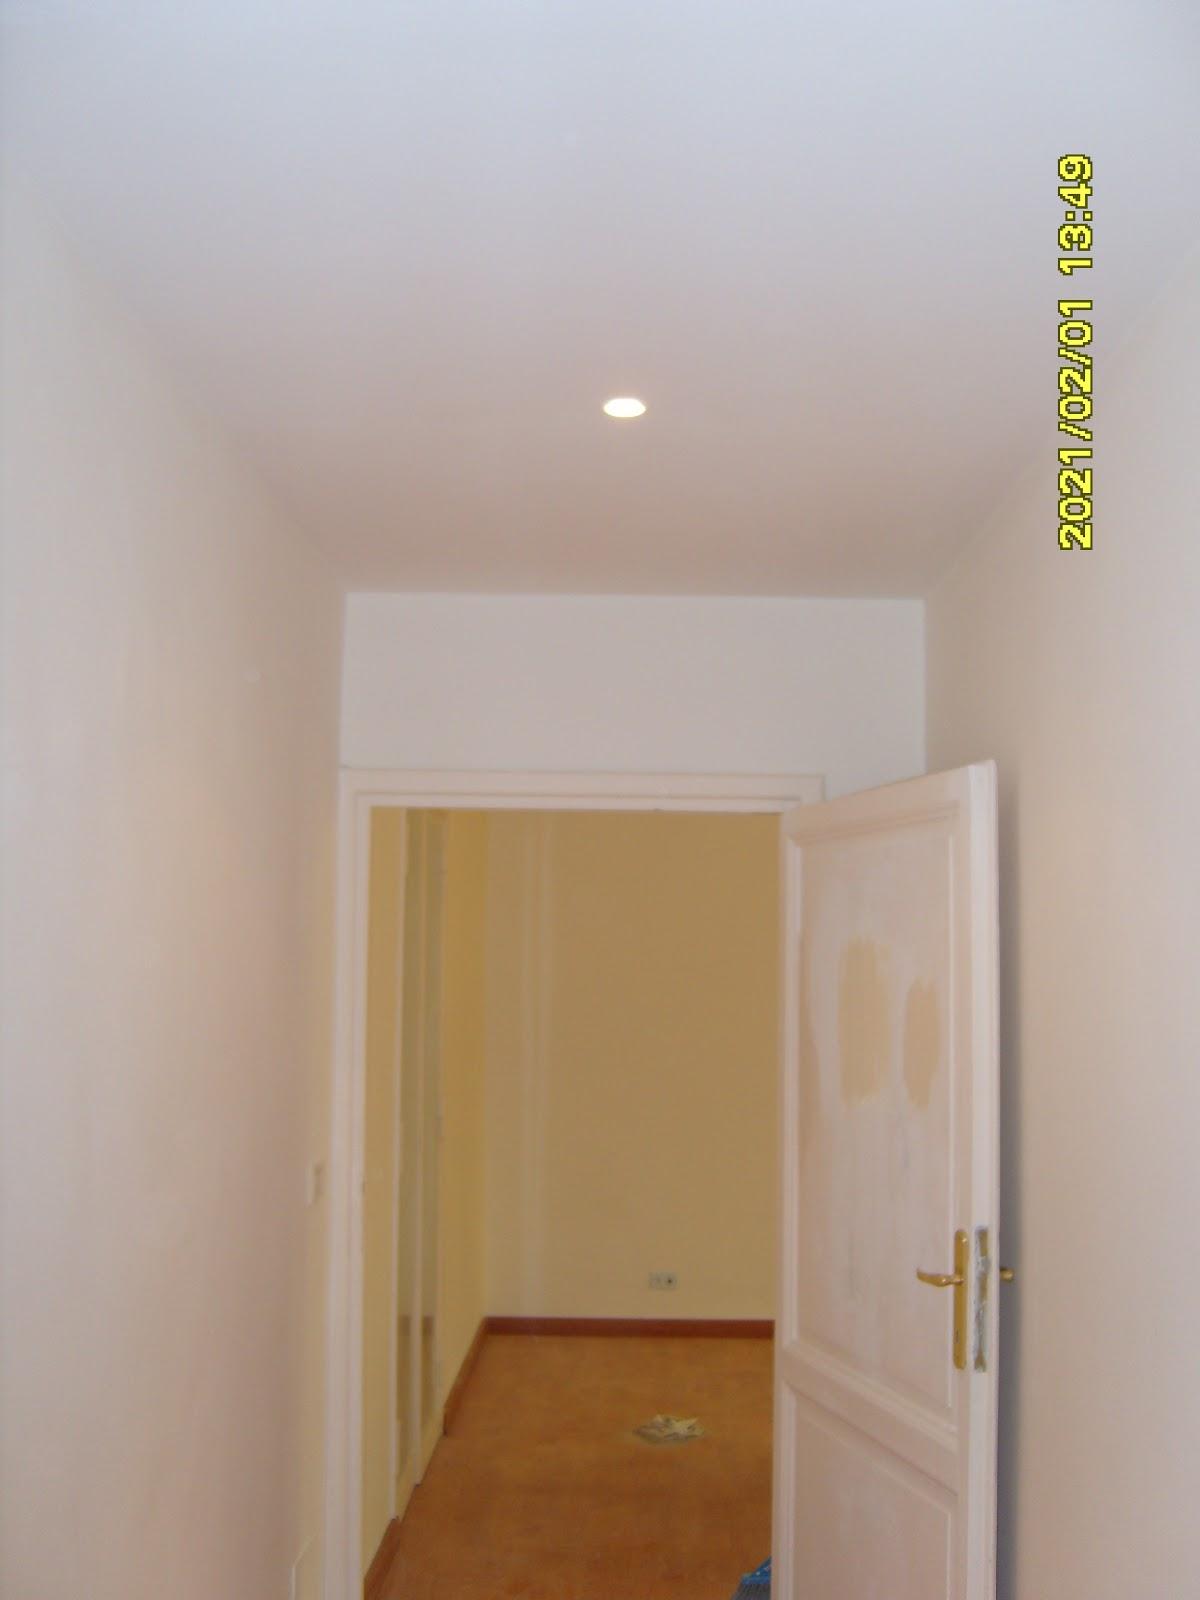 Ristrutturando casa: febbraio 2011